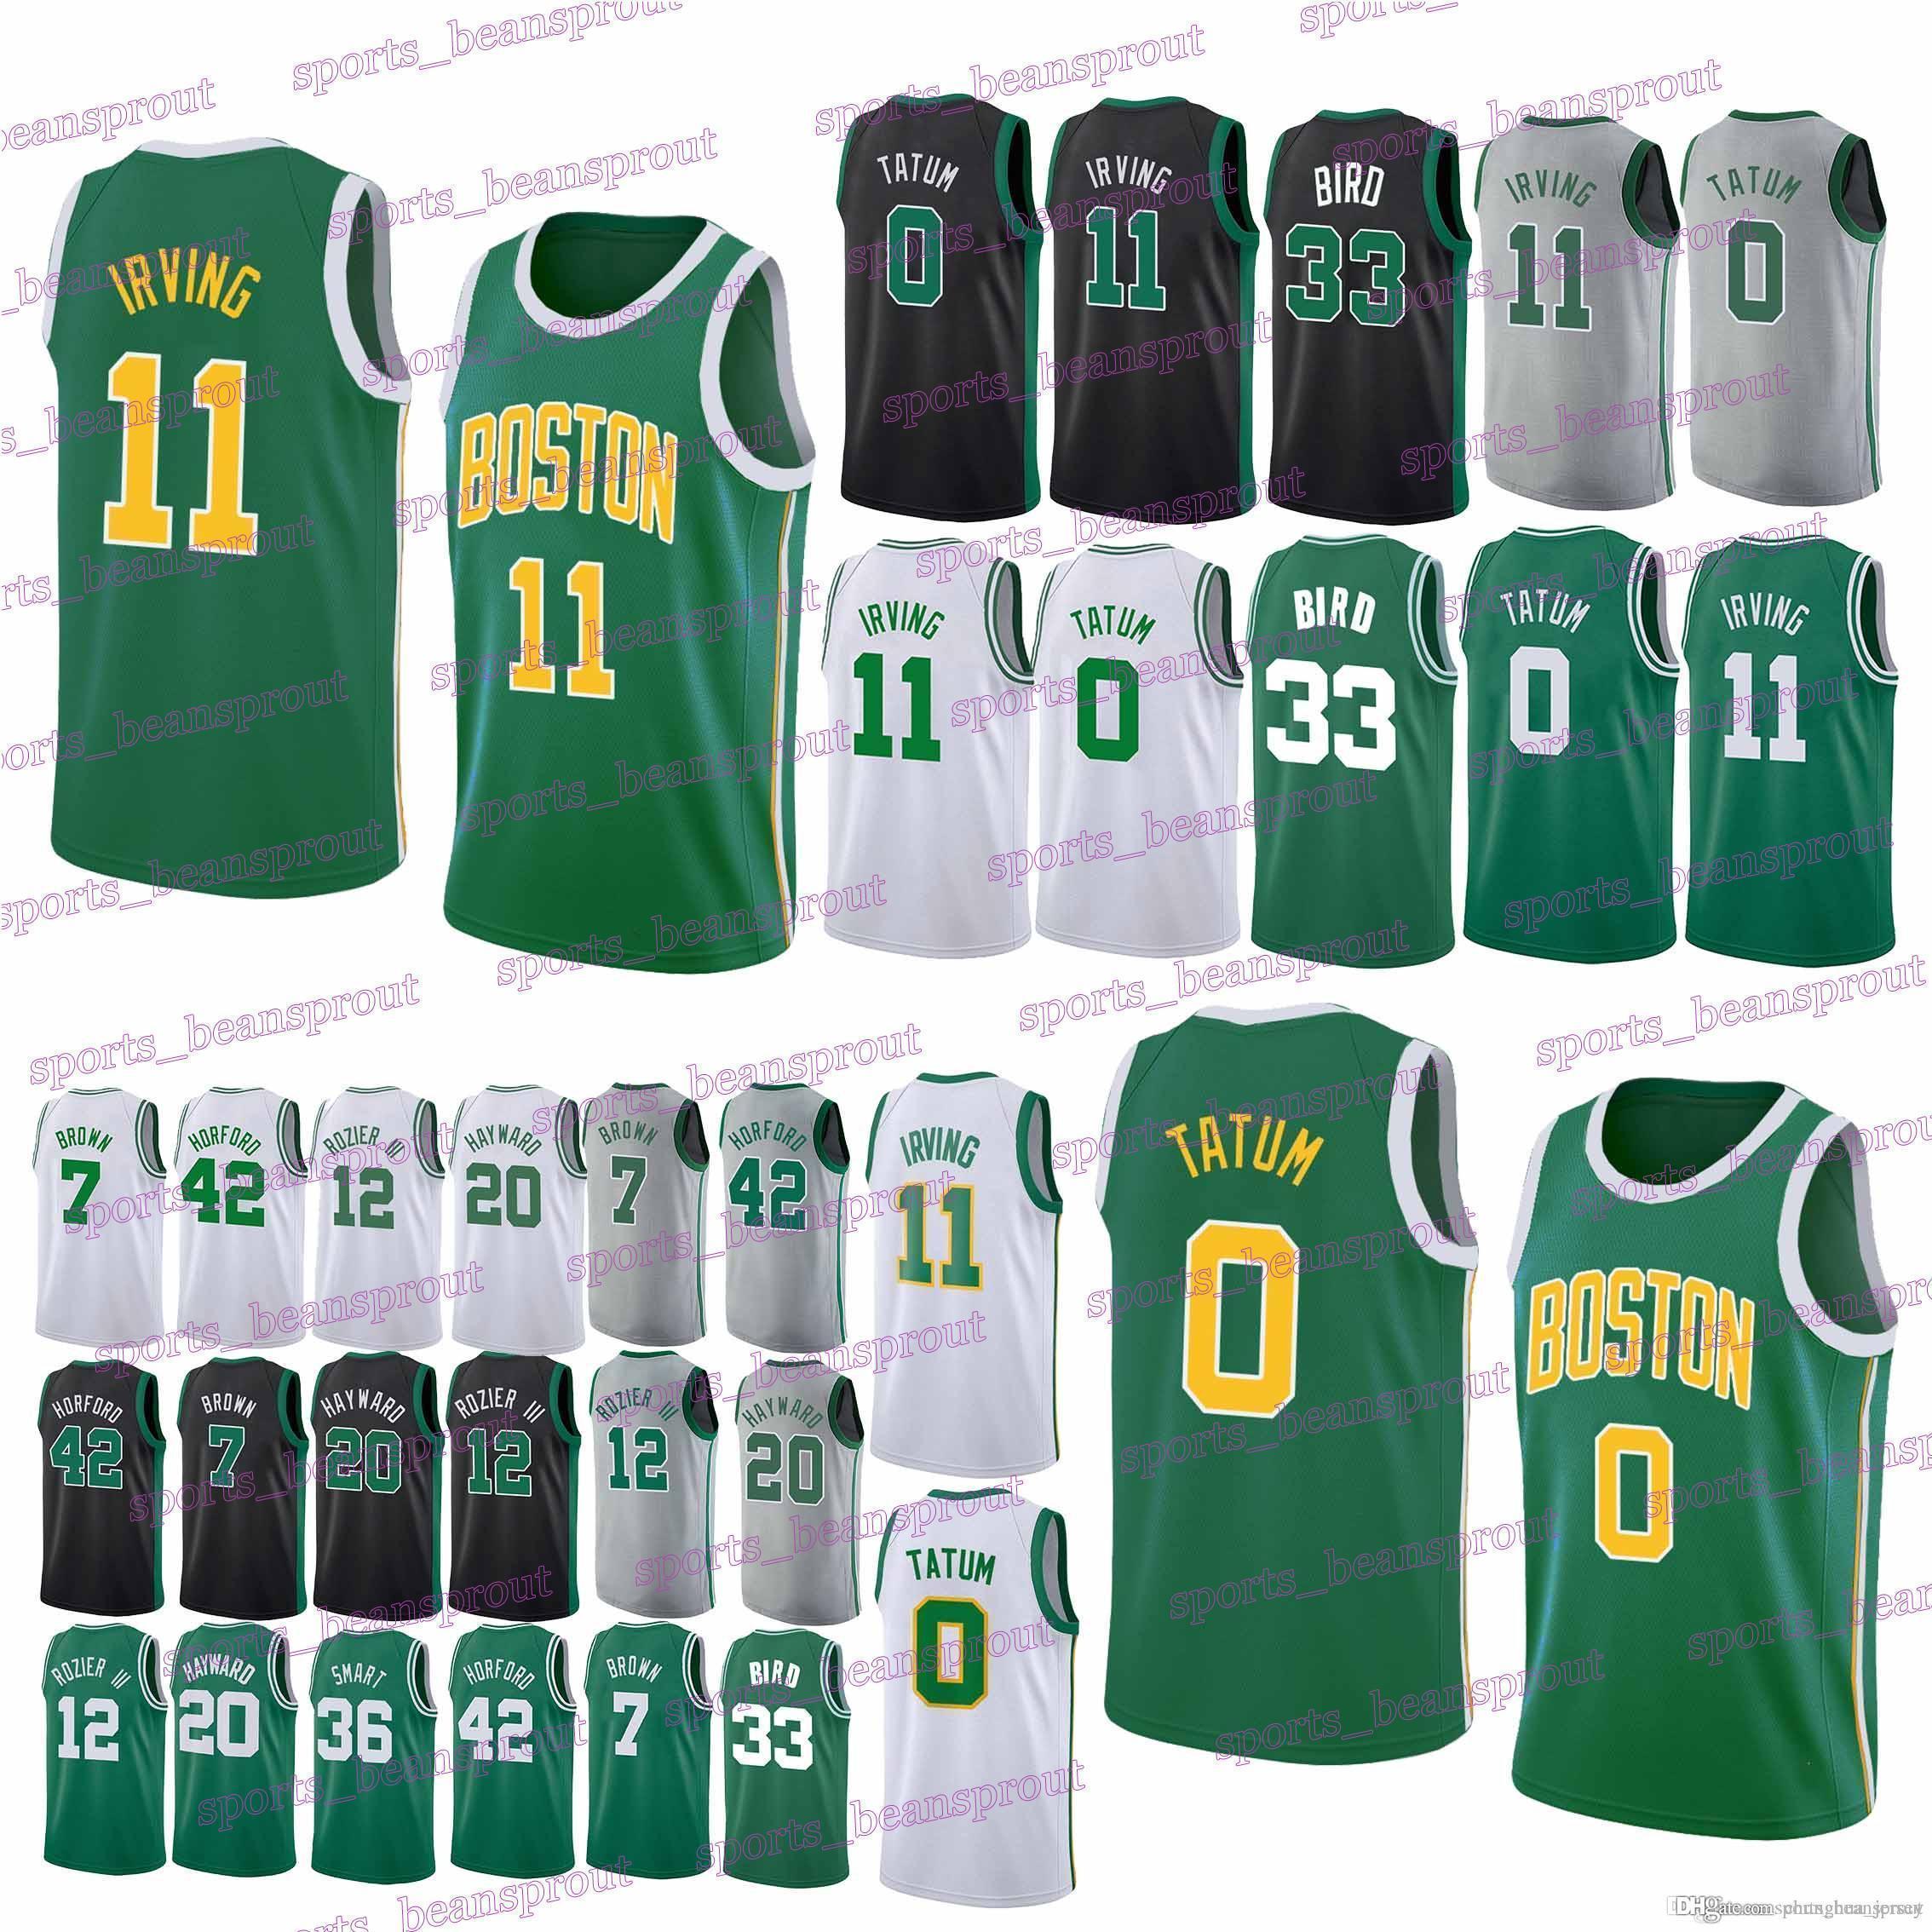 huge discount a8233 01de4 2019 men Celtics jerseys 0 Jayson Tatum Boston 11 Kyrie Irving 33 Larry  Bird 42 Al Horford 20 Gordon Hayward jersey